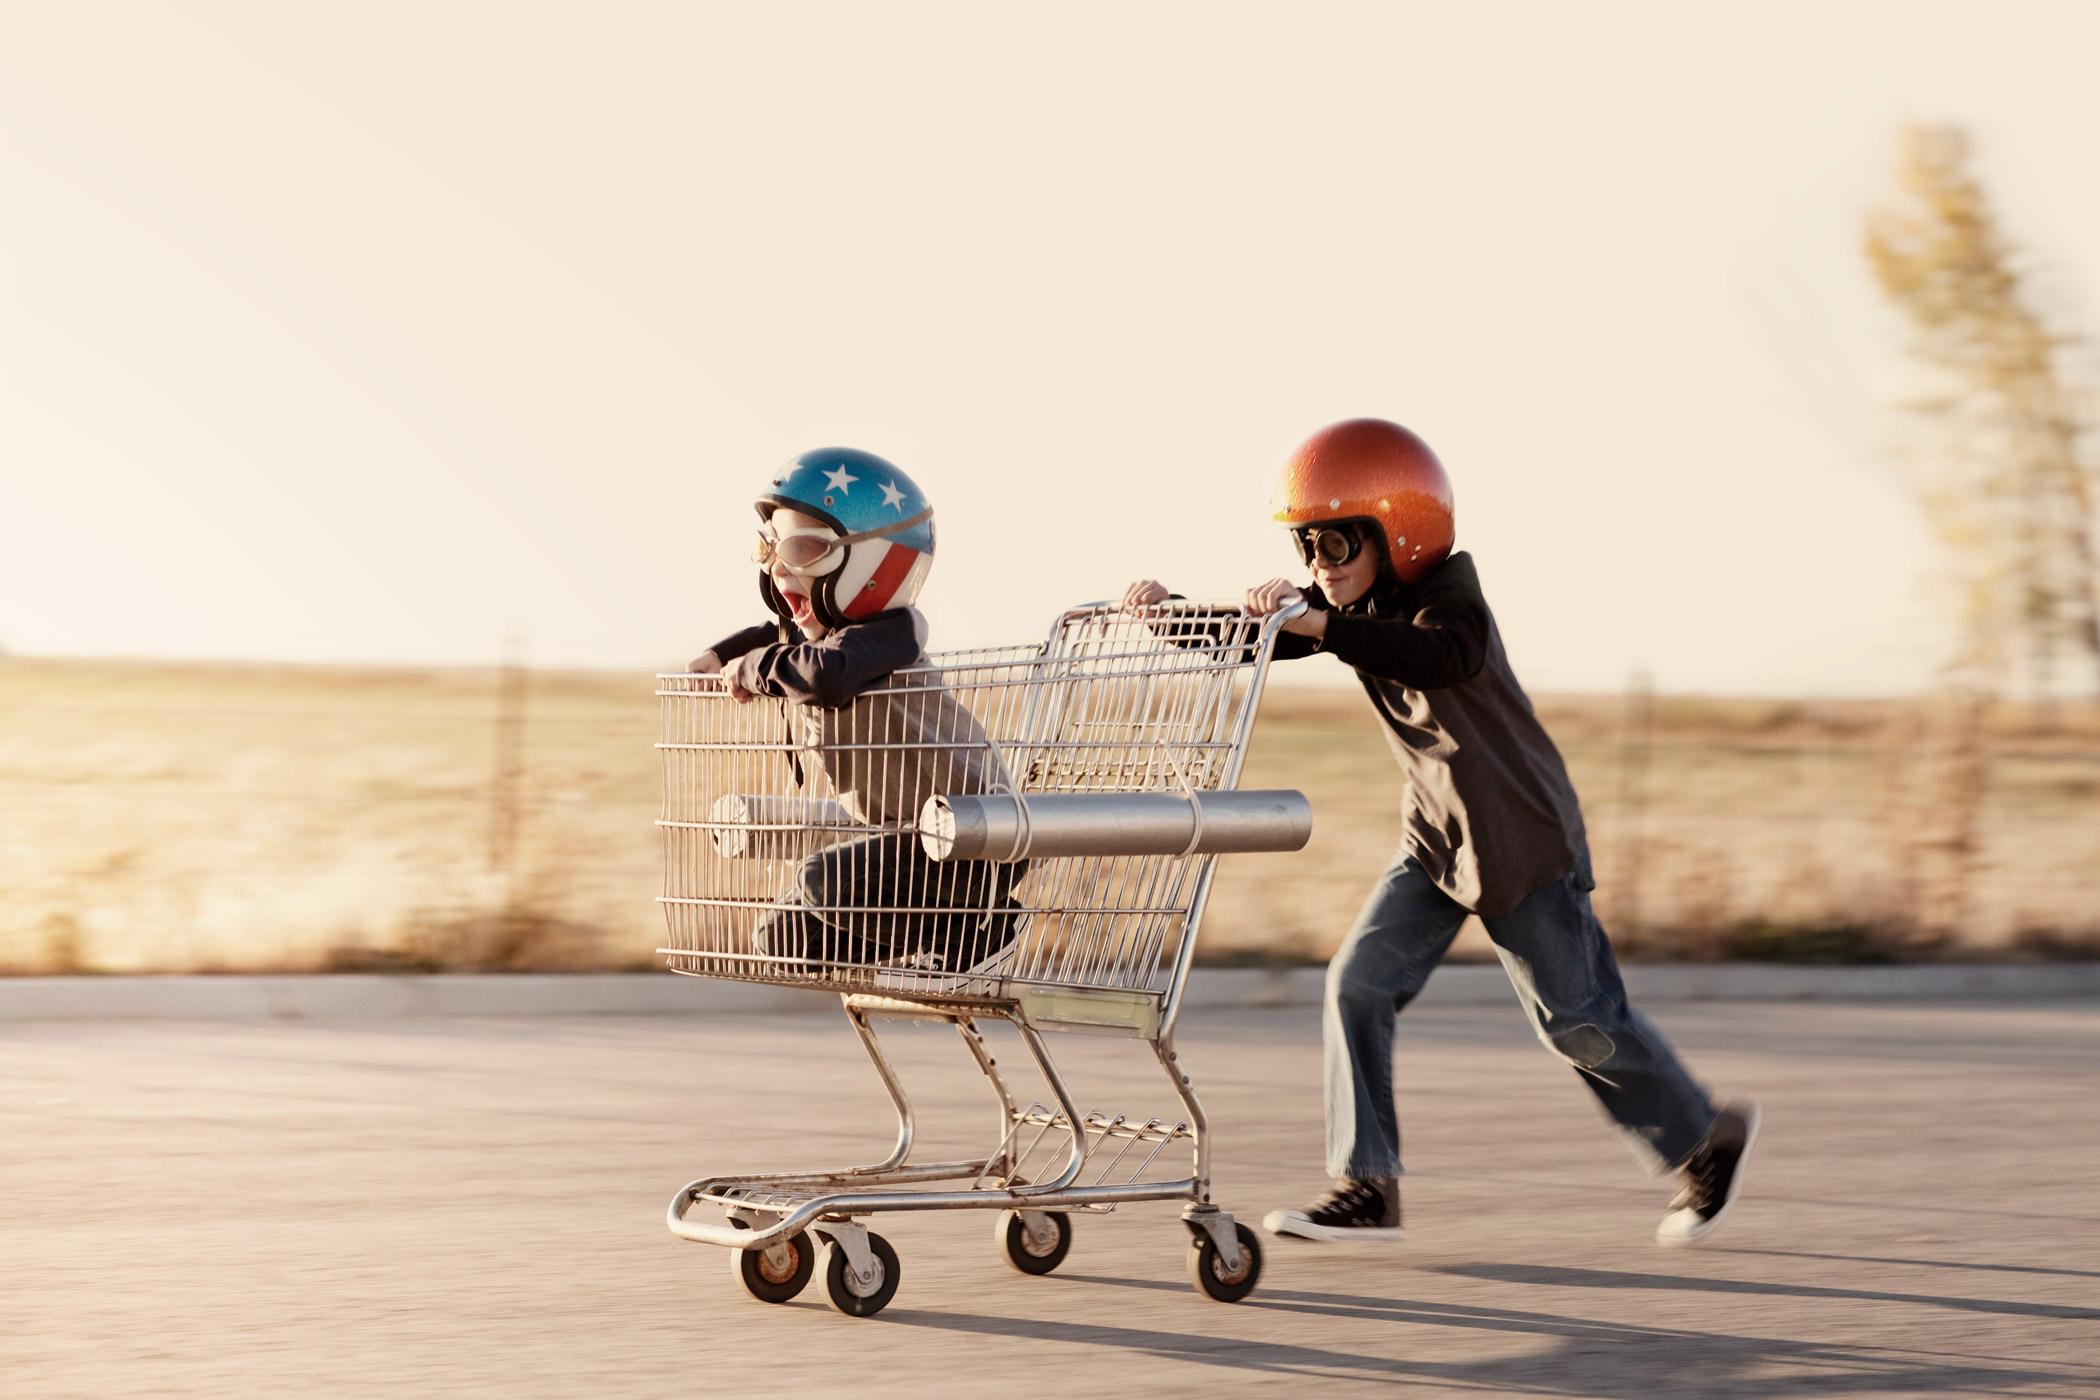 Tiendas online. Soluciones e-commerce a todos los niveles